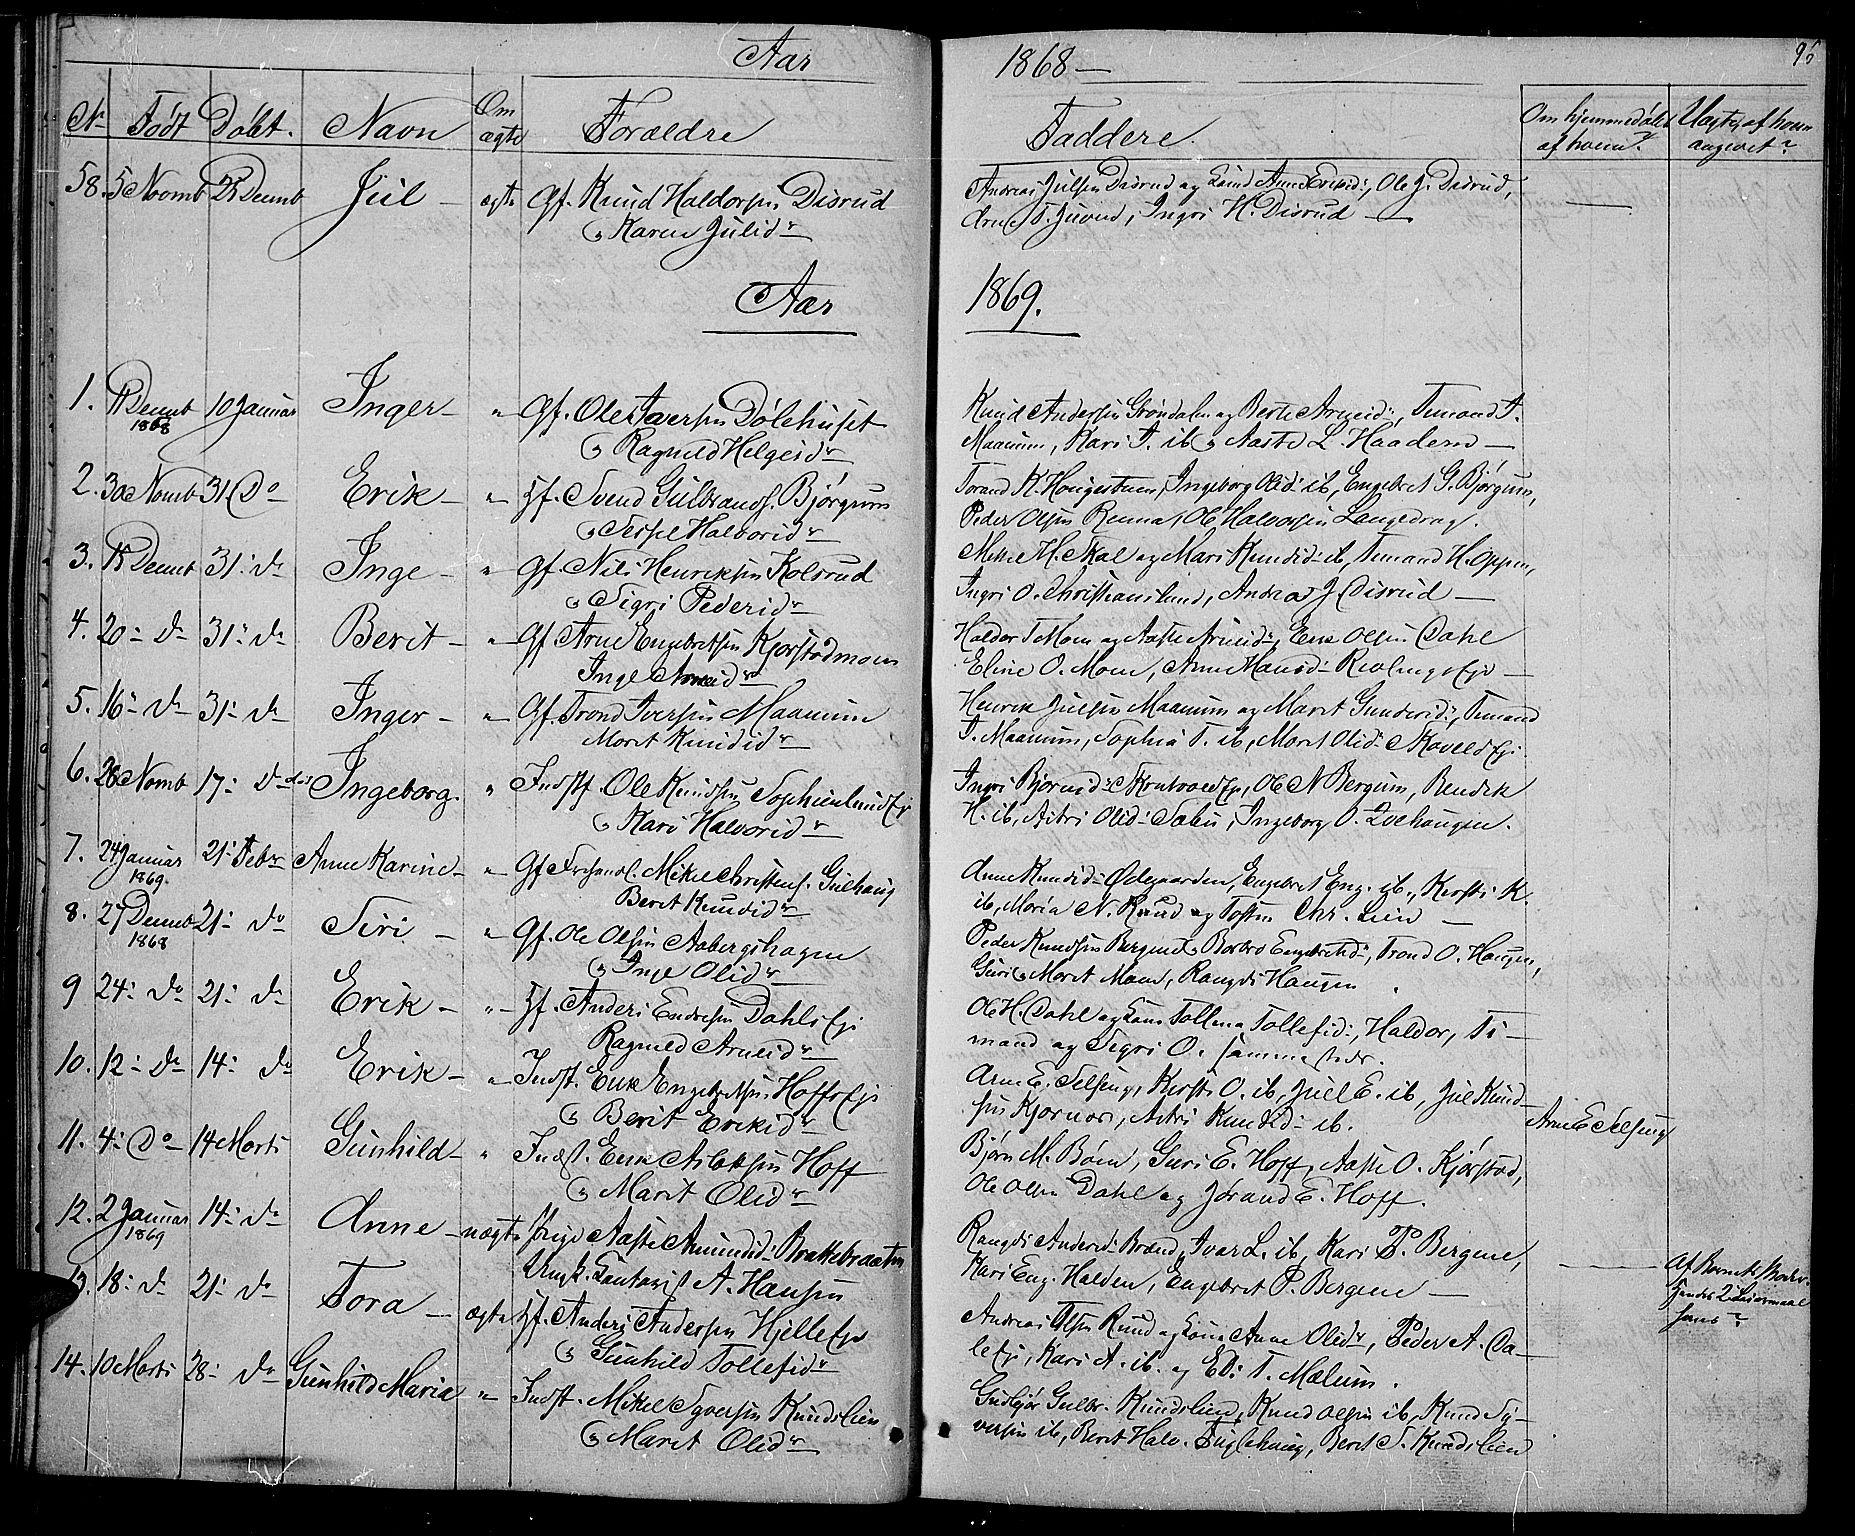 SAH, Nord-Aurdal prestekontor, Klokkerbok nr. 2, 1842-1877, s. 96